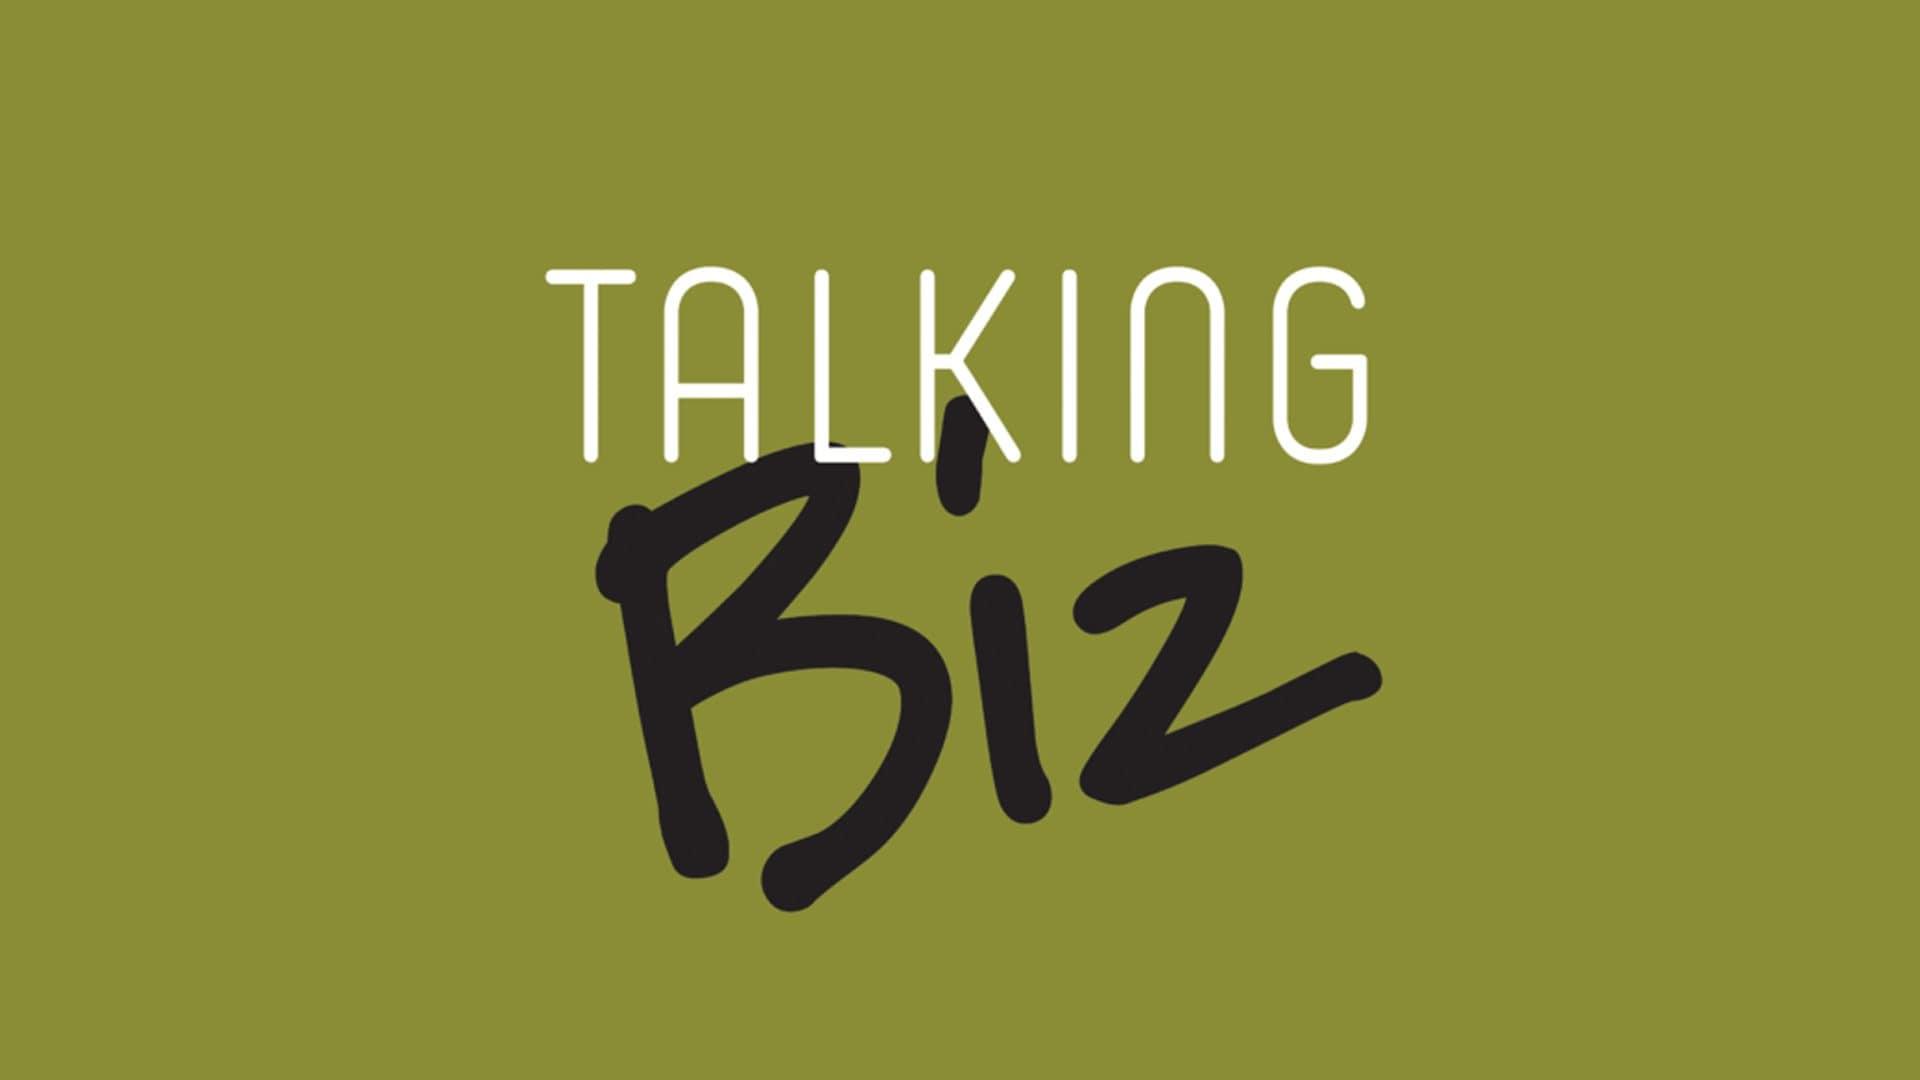 Talking Biz - Episode 32